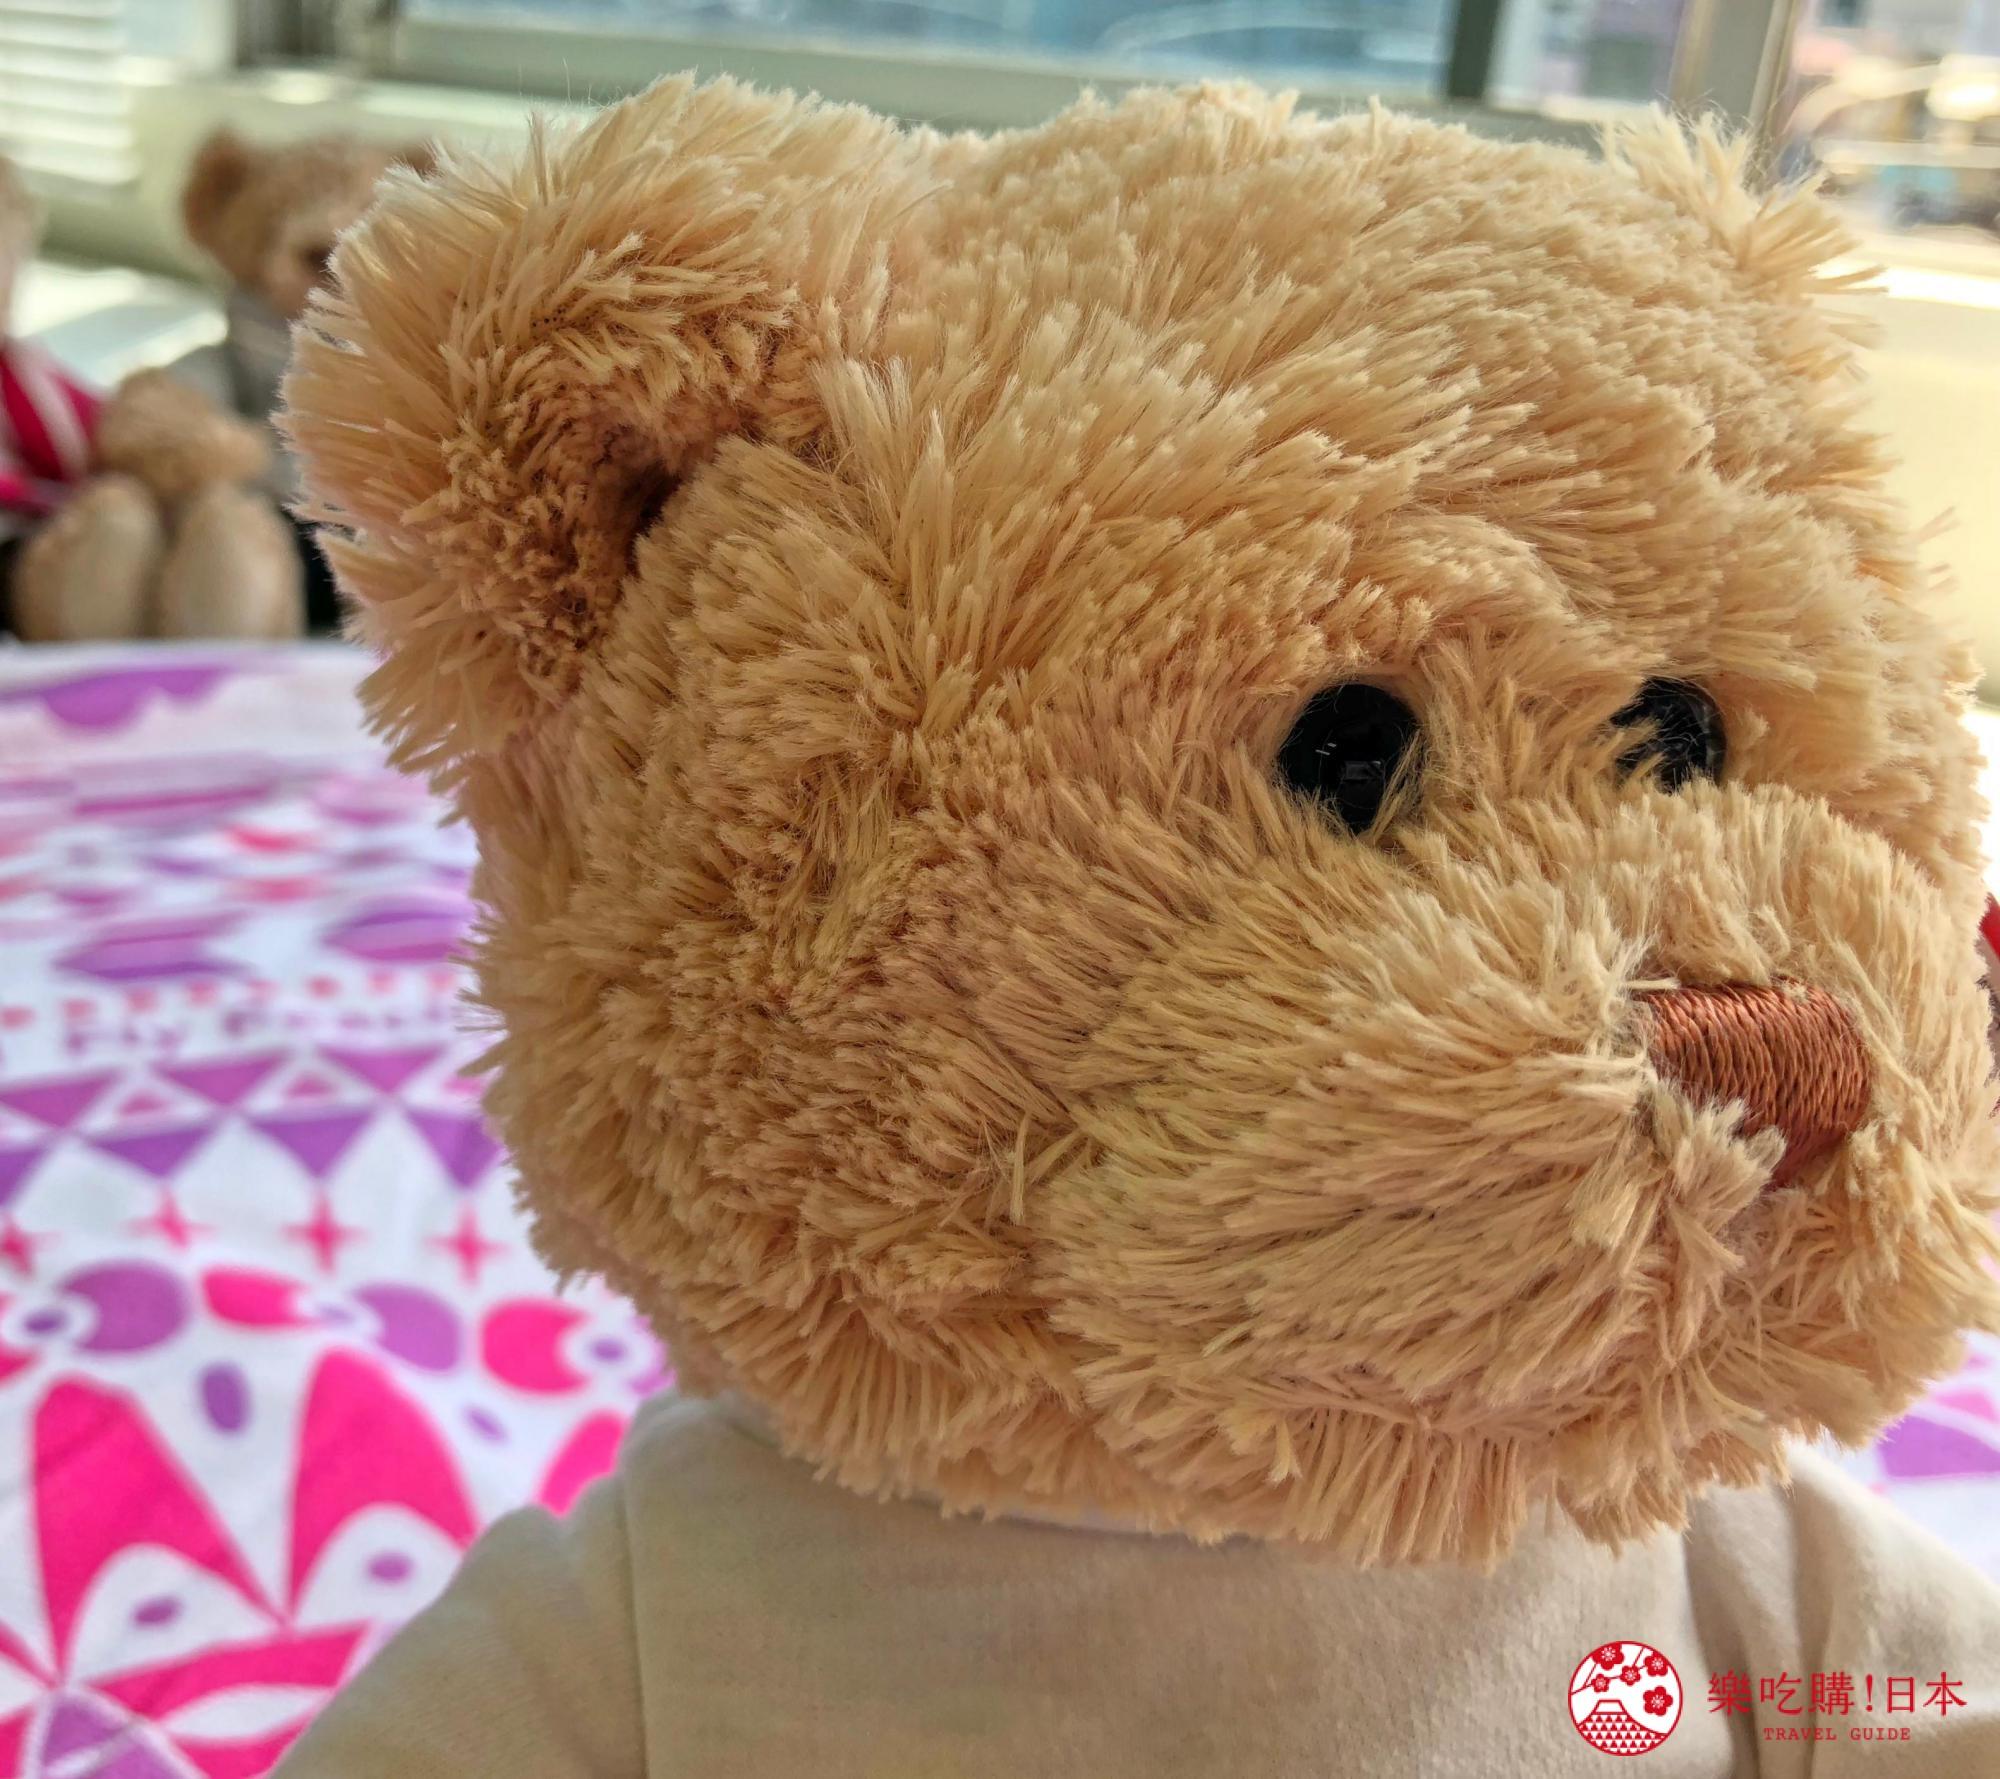 日本樂桃人氣原創設計商品的Peach X GUND 原創設計 T-shirt 泰迪熊(棕色/米色)近照